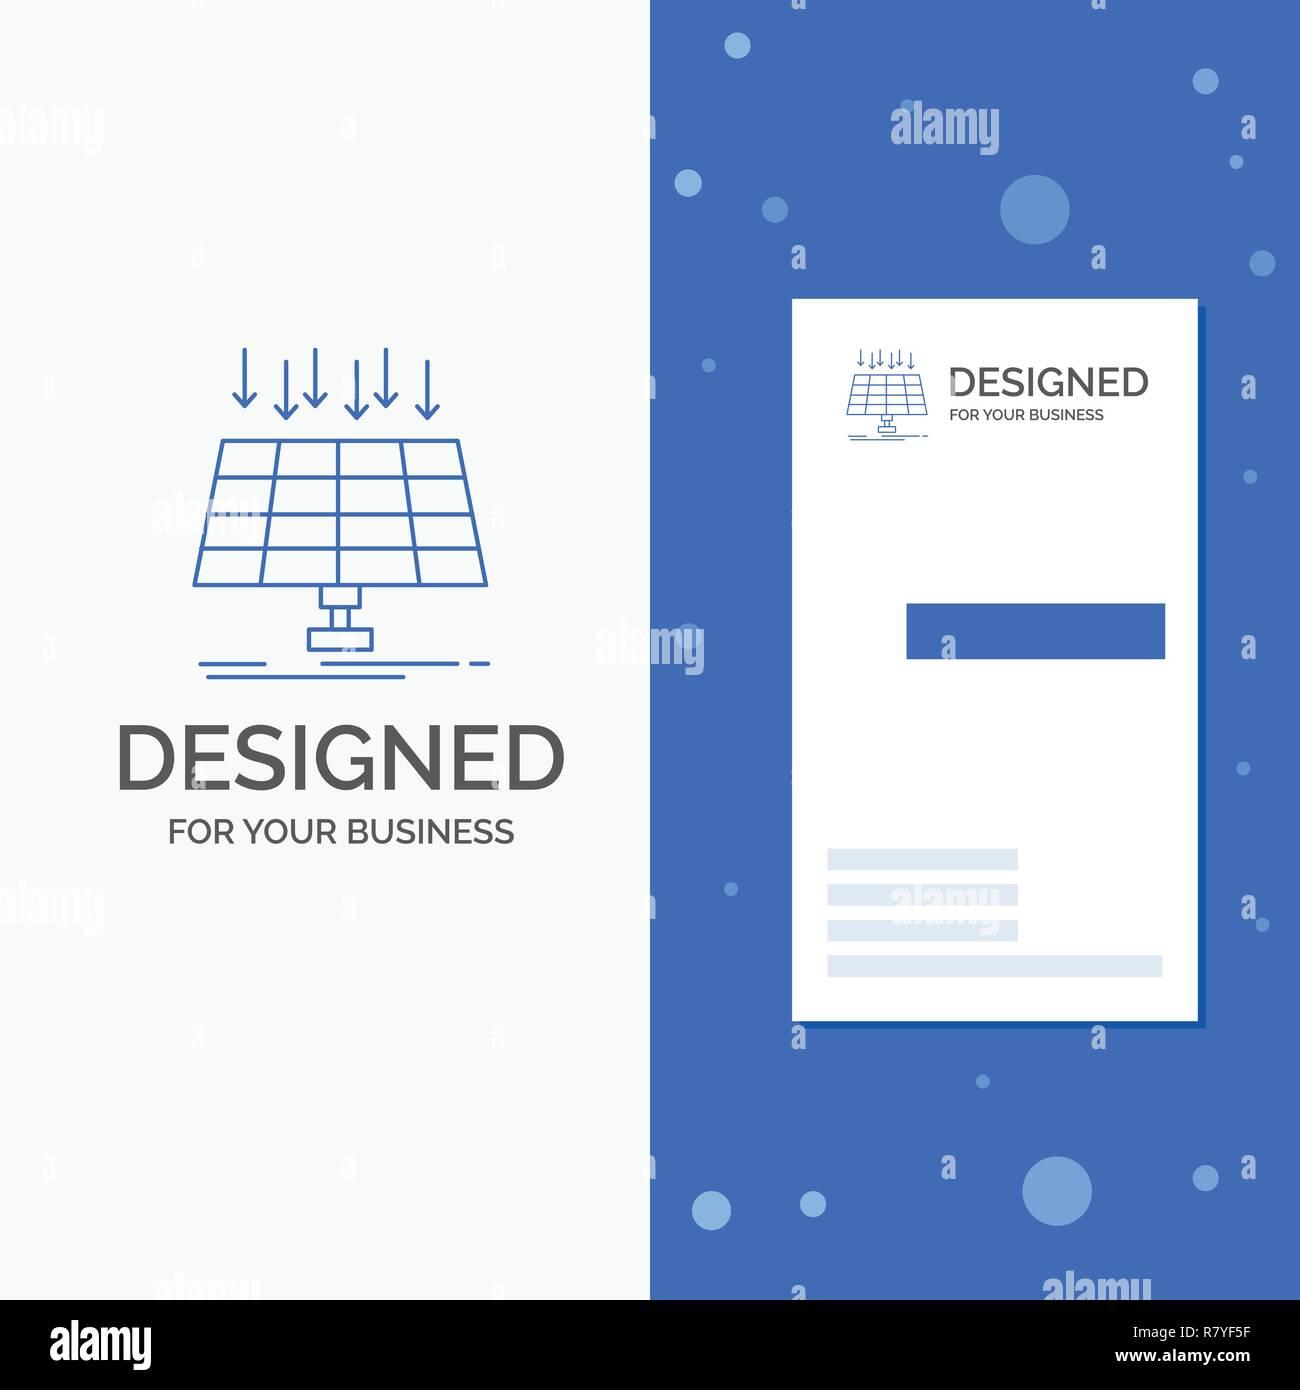 Logo Dentreprise Pour Lenergie Solaire Panneau De La Technologie Ville Intelligente Bleu Vertical Affaires Modele Carte